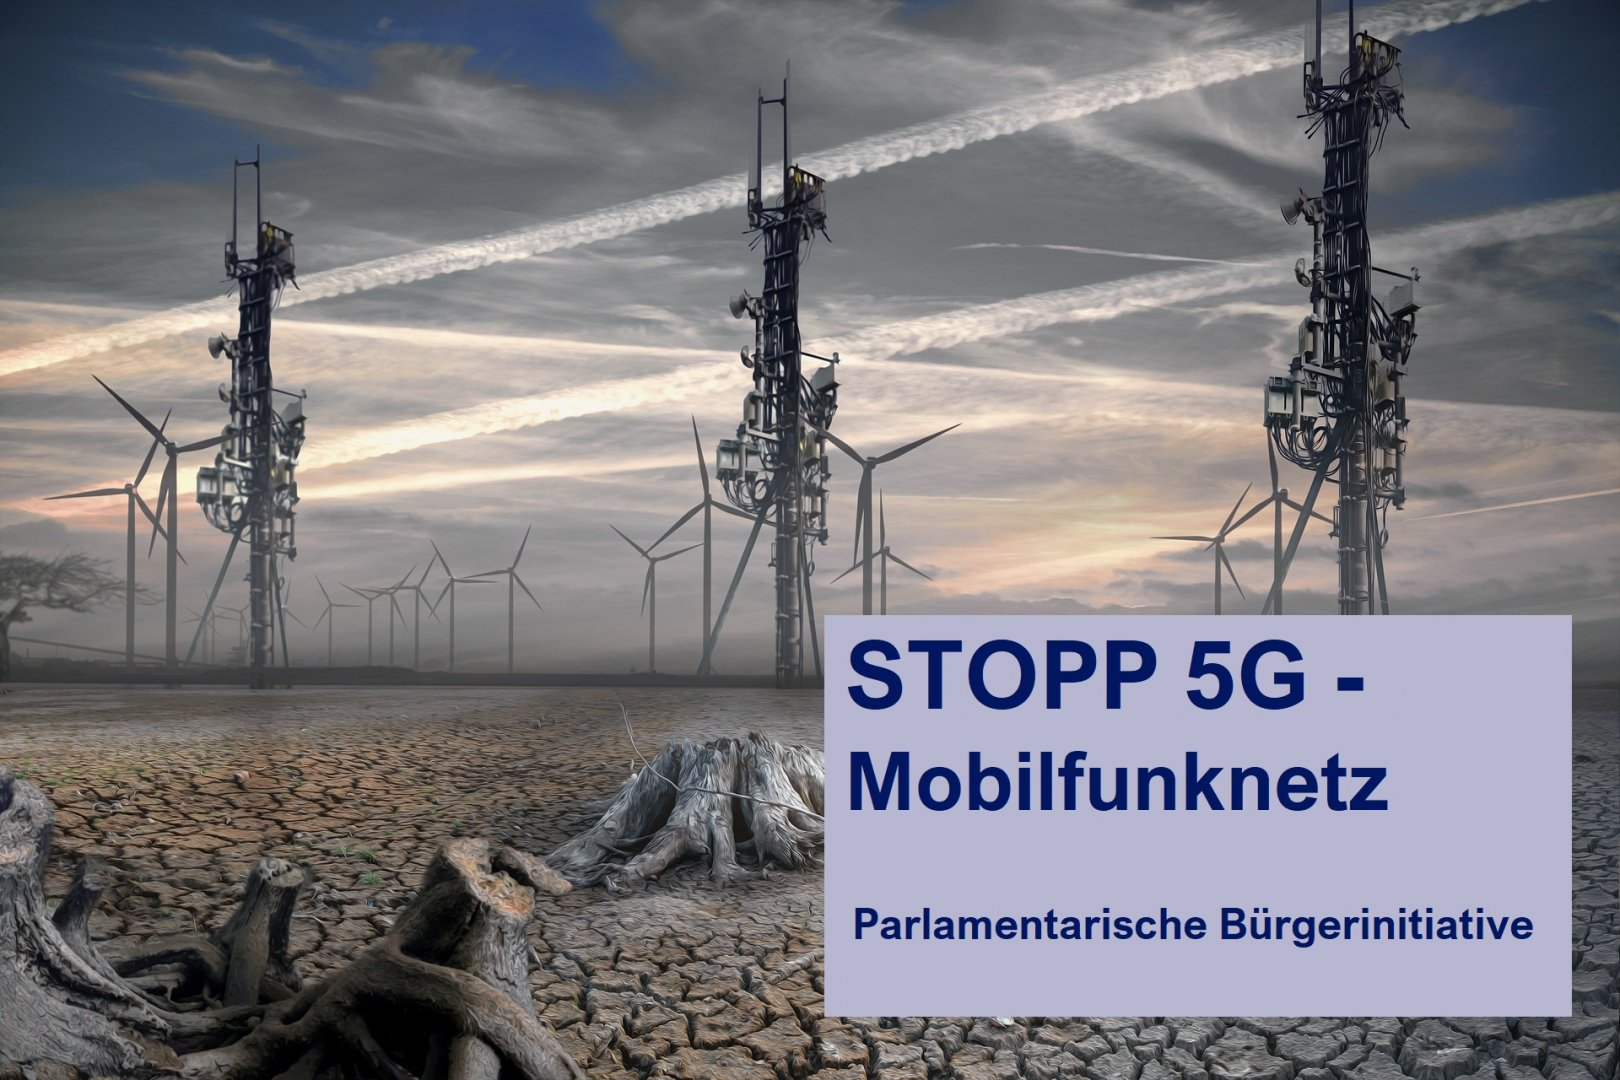 STOPP 5G Mobilfunknetz